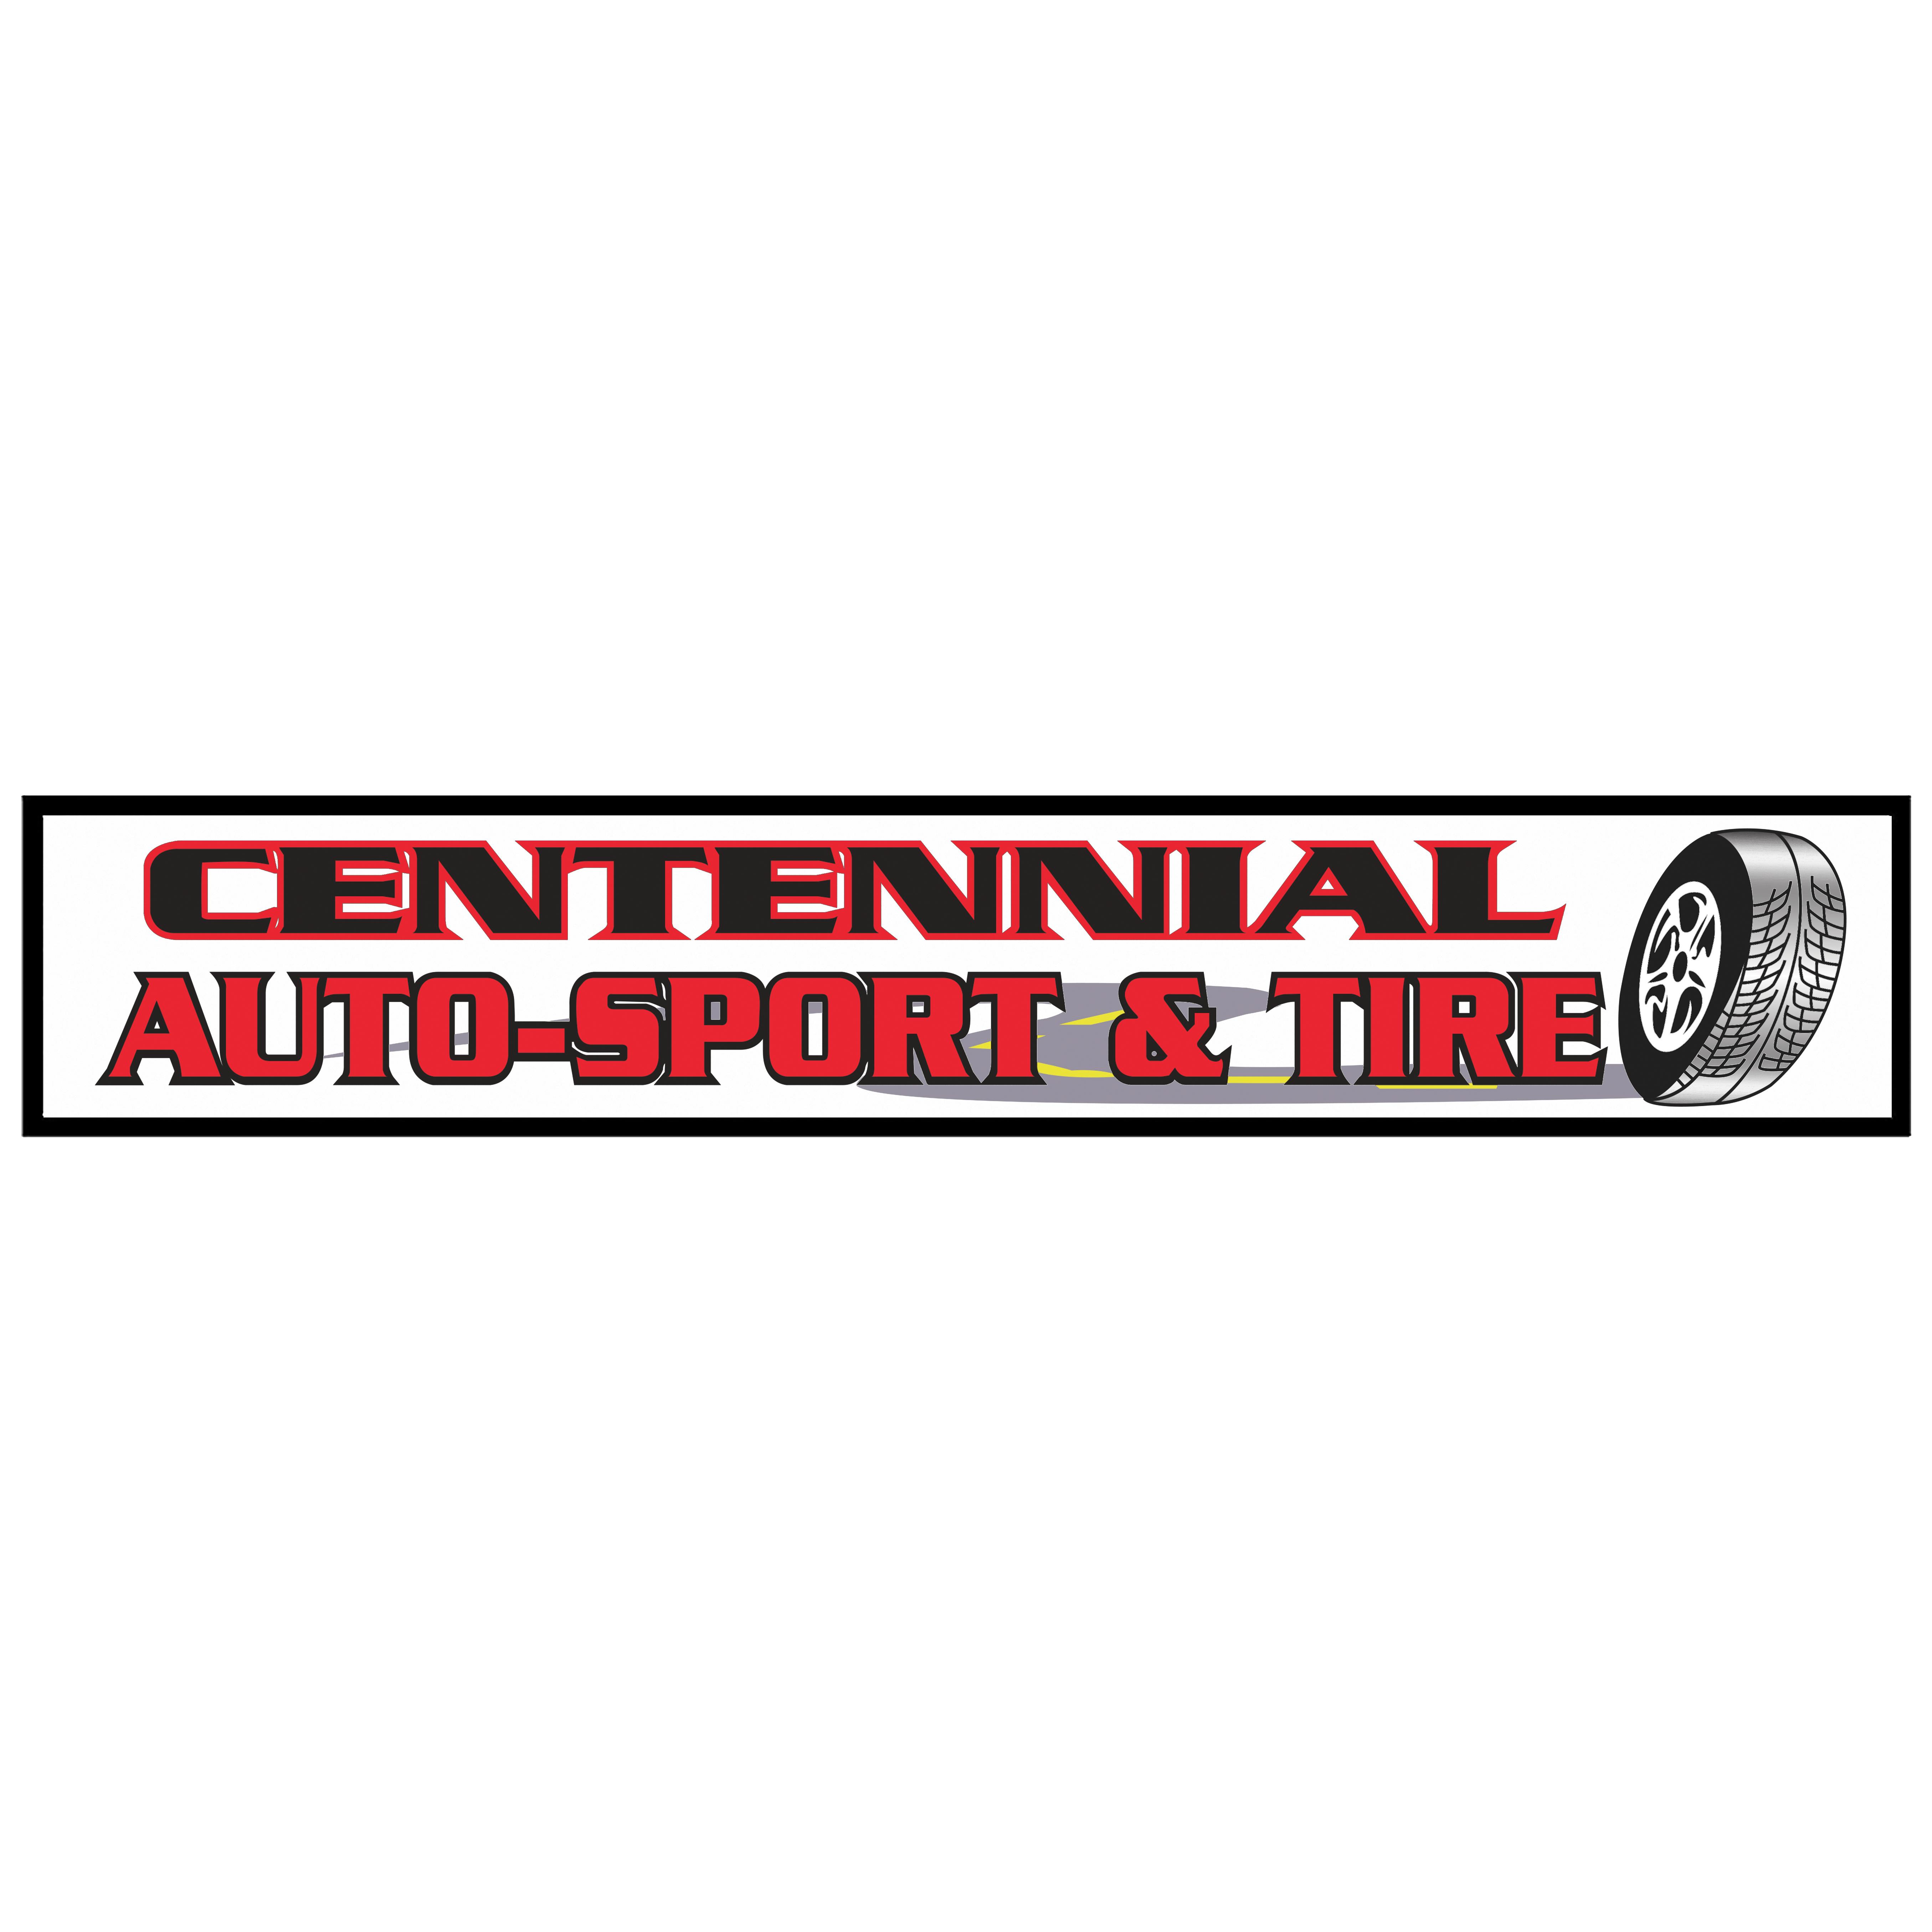 Centennial Auto Sport & Tire S'side